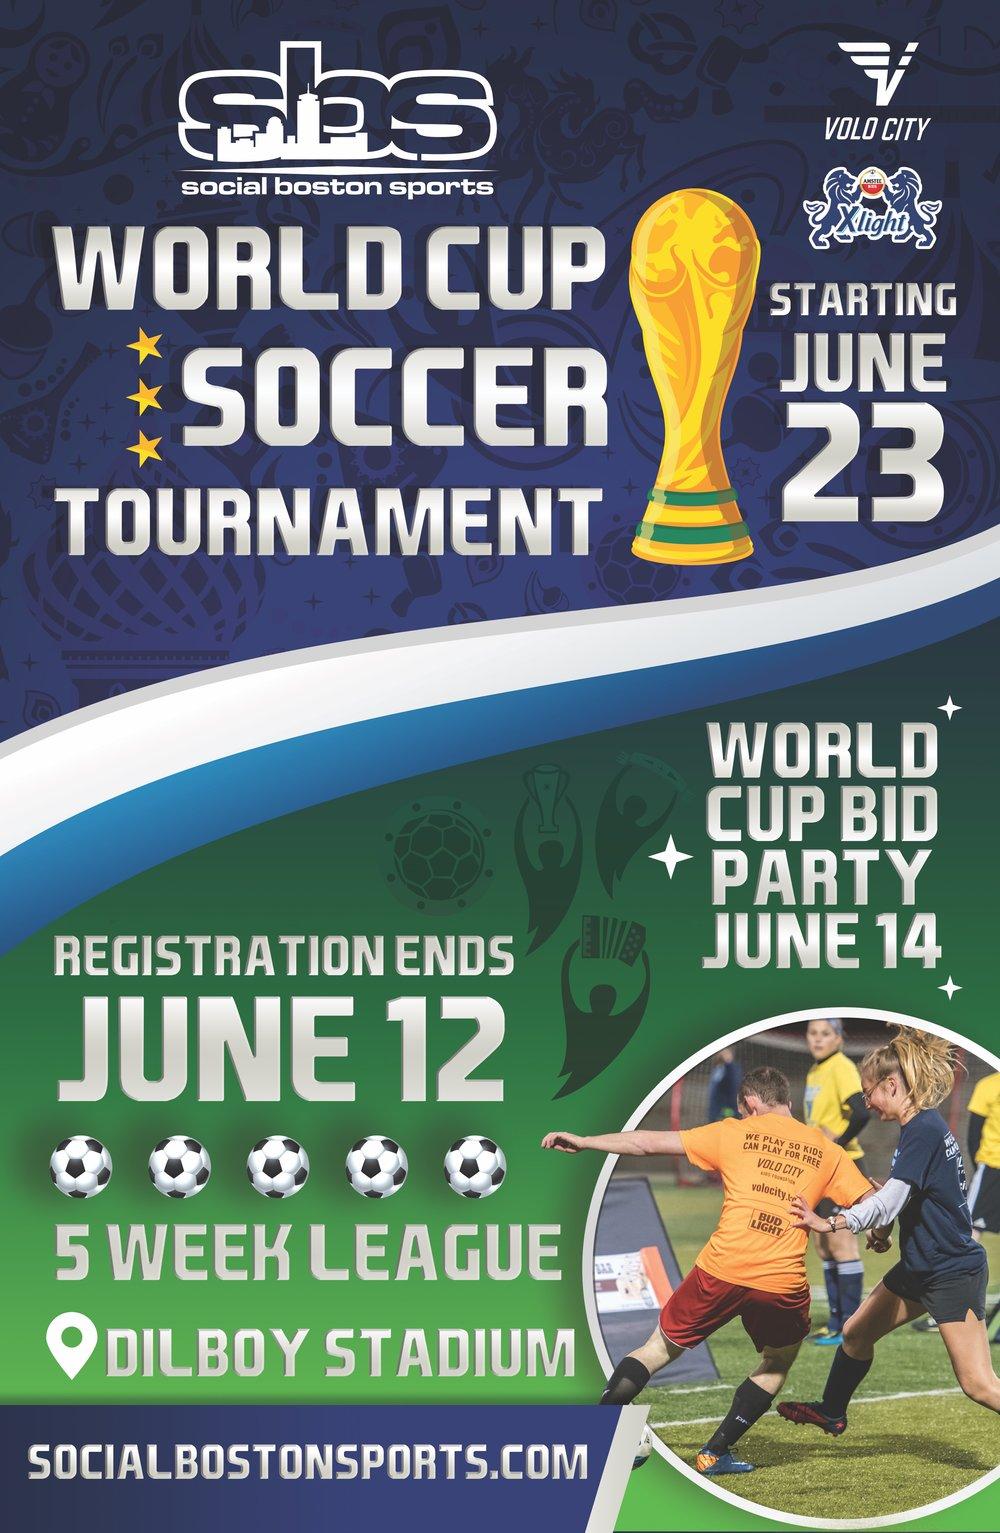 Volo_WorldCup_Poster_SBS.jpg